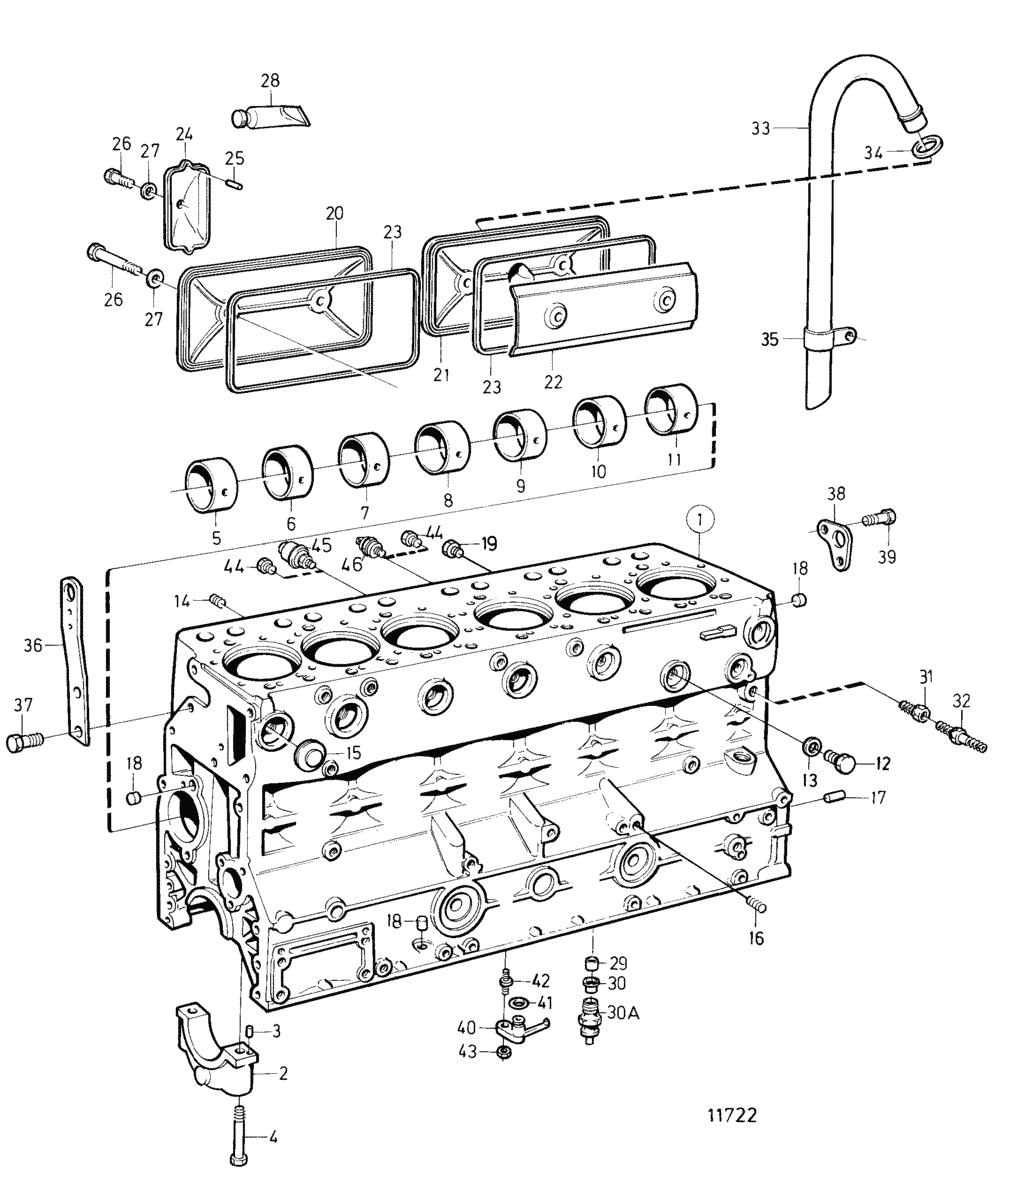 moteurs volvo penta moteur bloc cylindres sn 2071097292. Black Bedroom Furniture Sets. Home Design Ideas